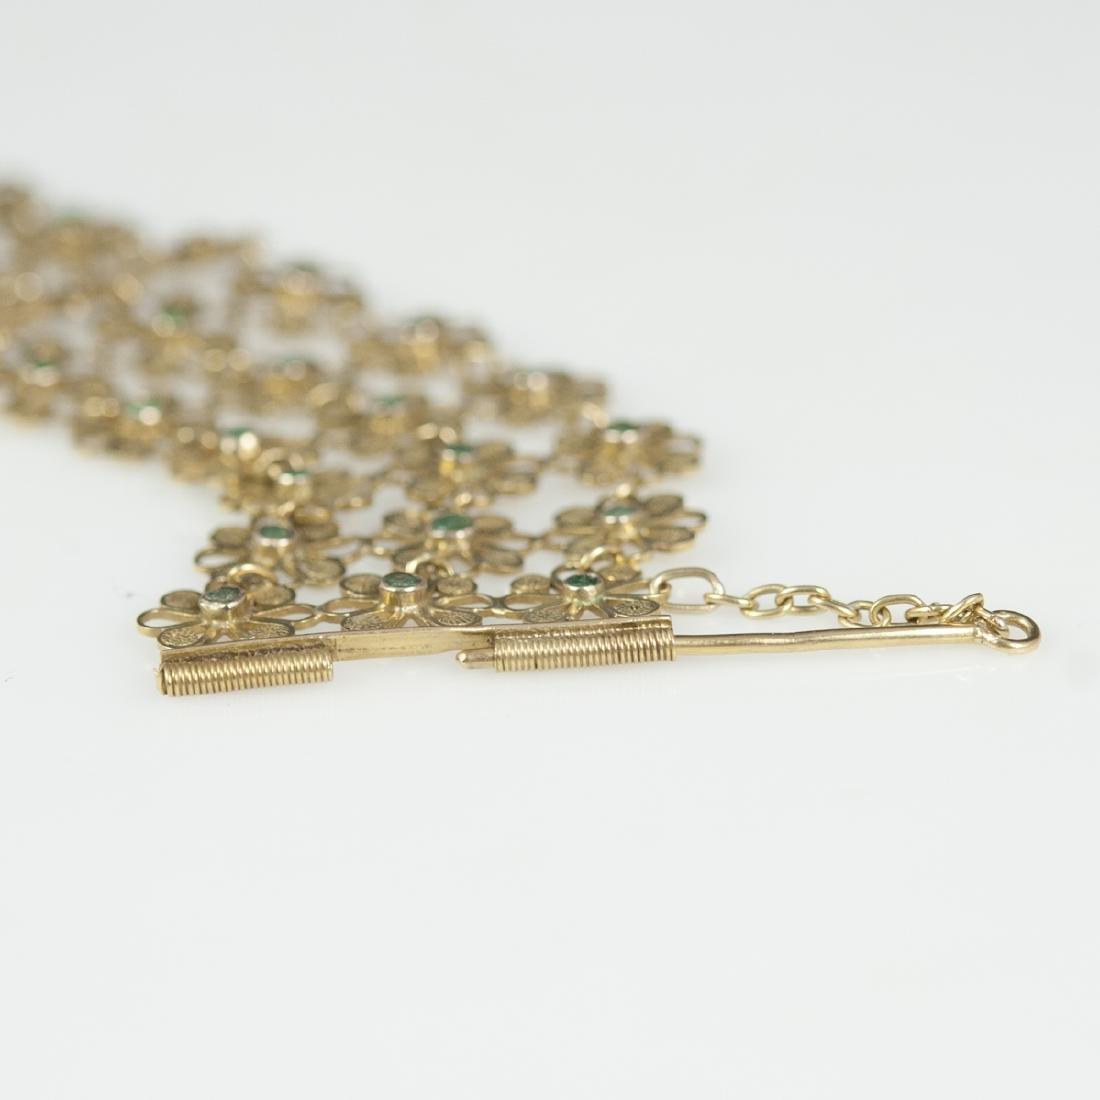 Vintage 14kt Gold & Emerald Bracelet - 4